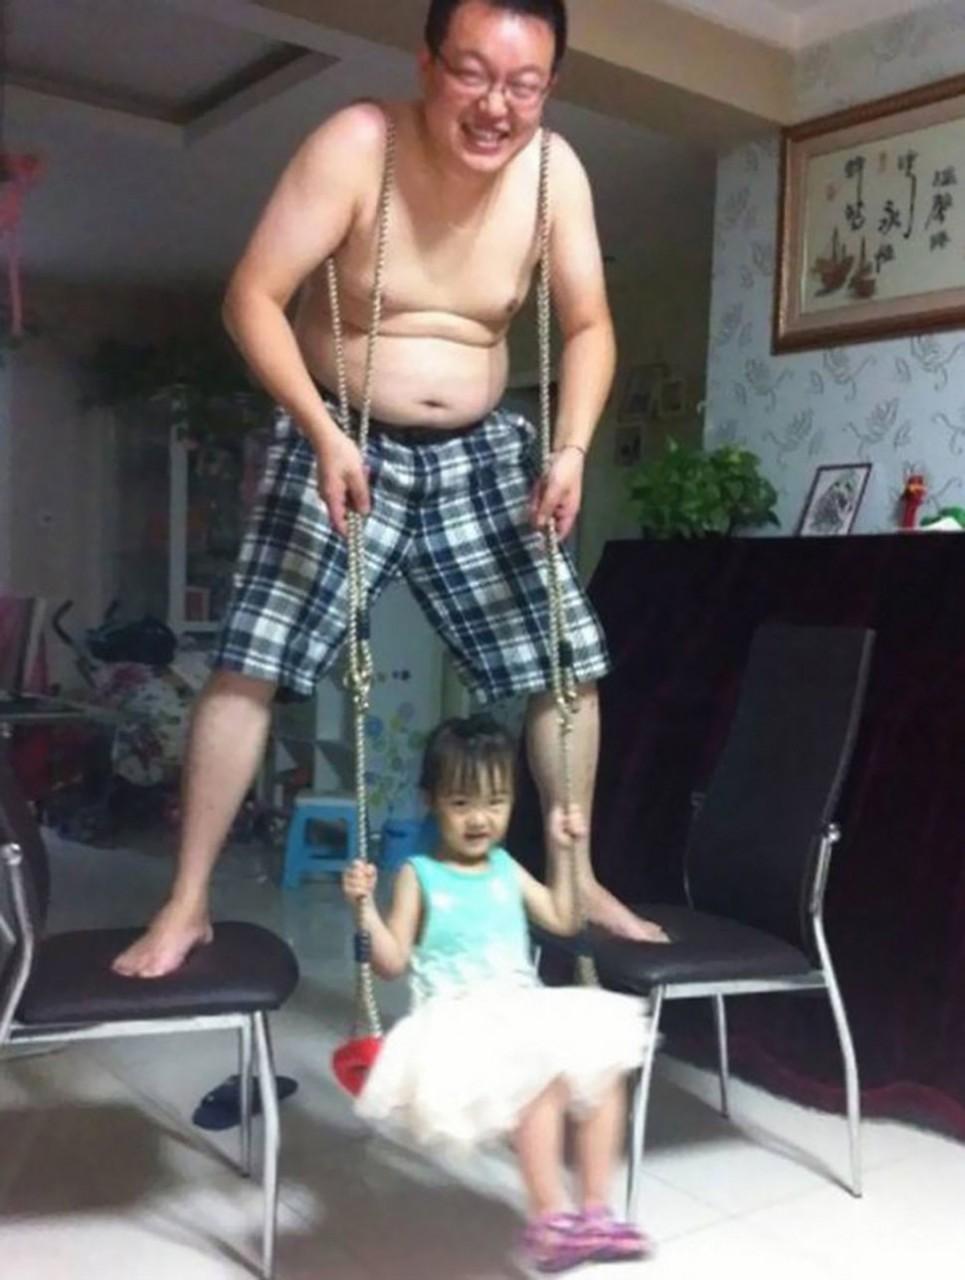 Не оставляйте детей с папами фото